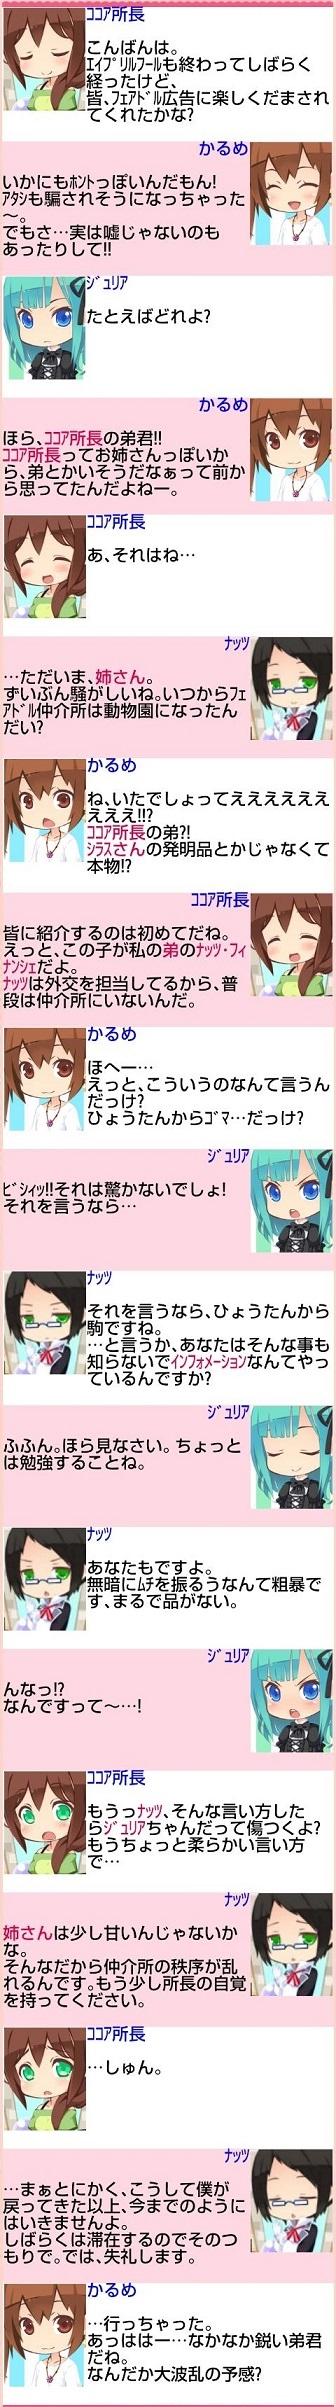 Screenshot_2014-04-05-00-25-43.jpg